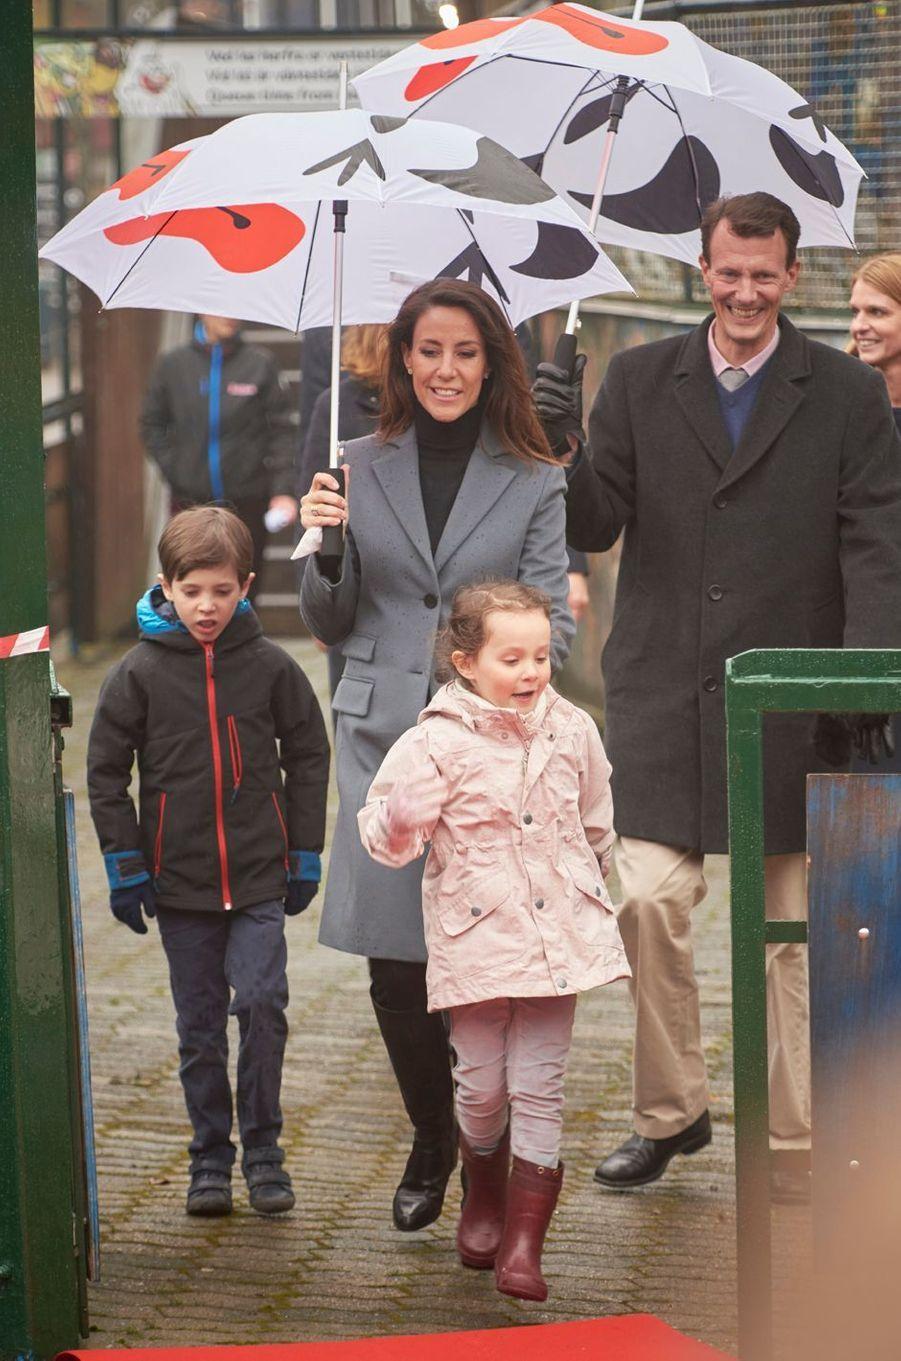 La princesse Marie et le prince Joachim de Danemark avec leurs enfants Henrik et Athena à Copenhague, le 30 mars 2017